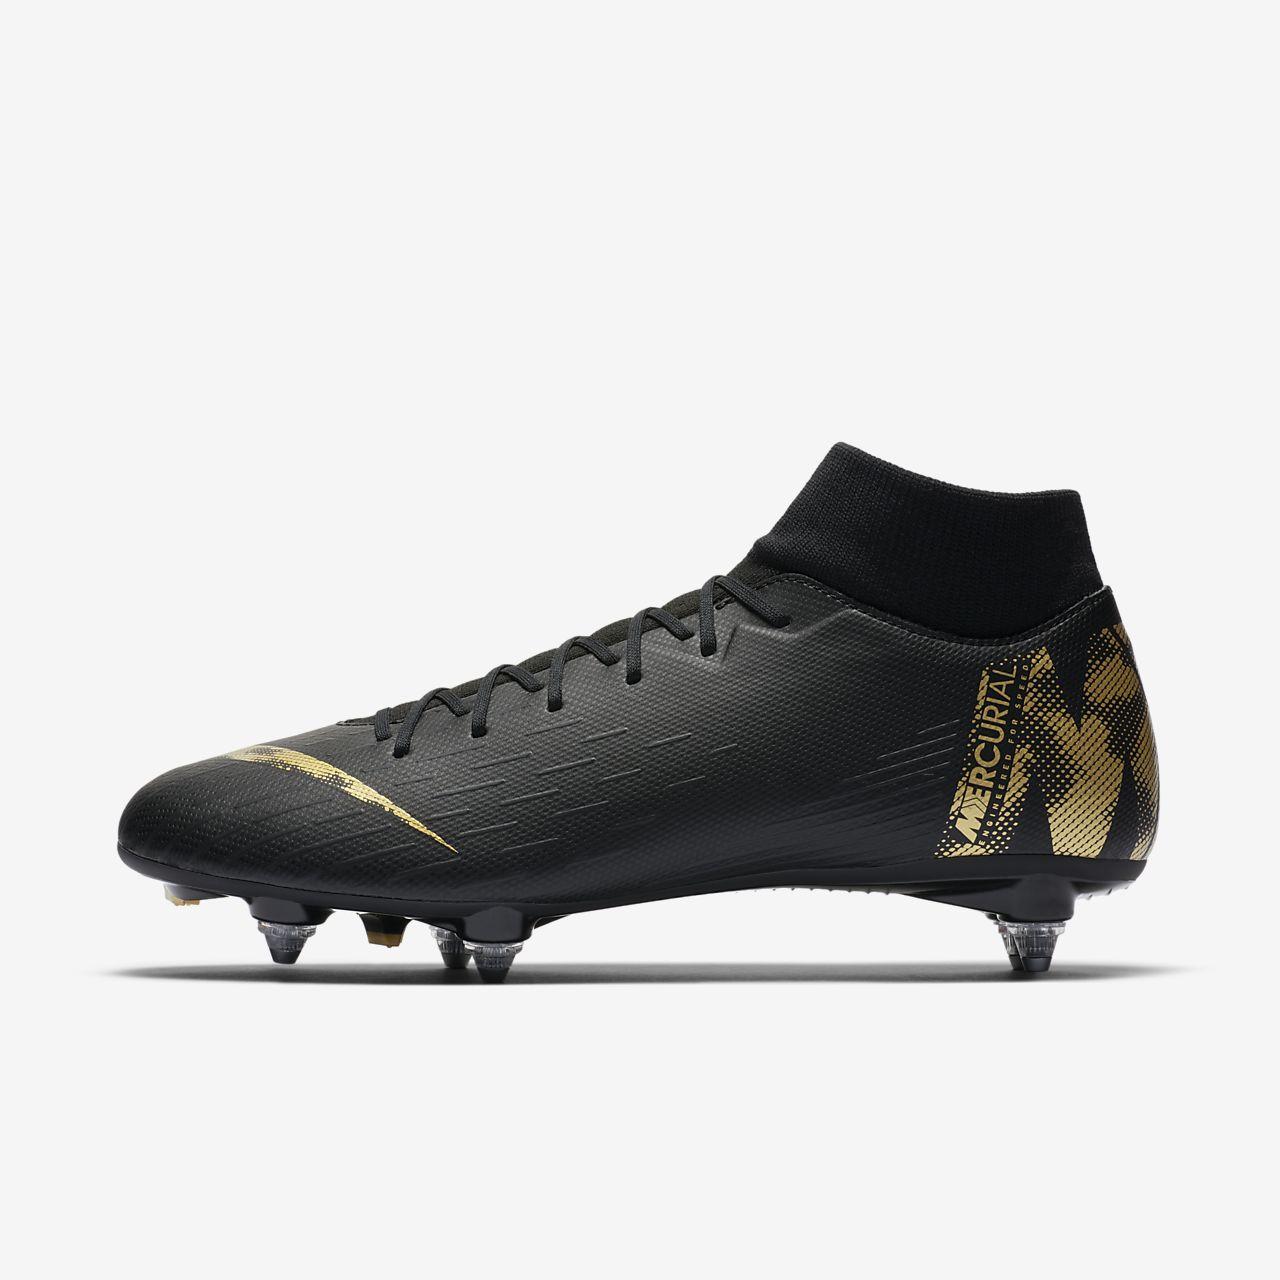 Nike Mercurial Superfly VI Academy SG-PRO fotballsko til mykt underlag